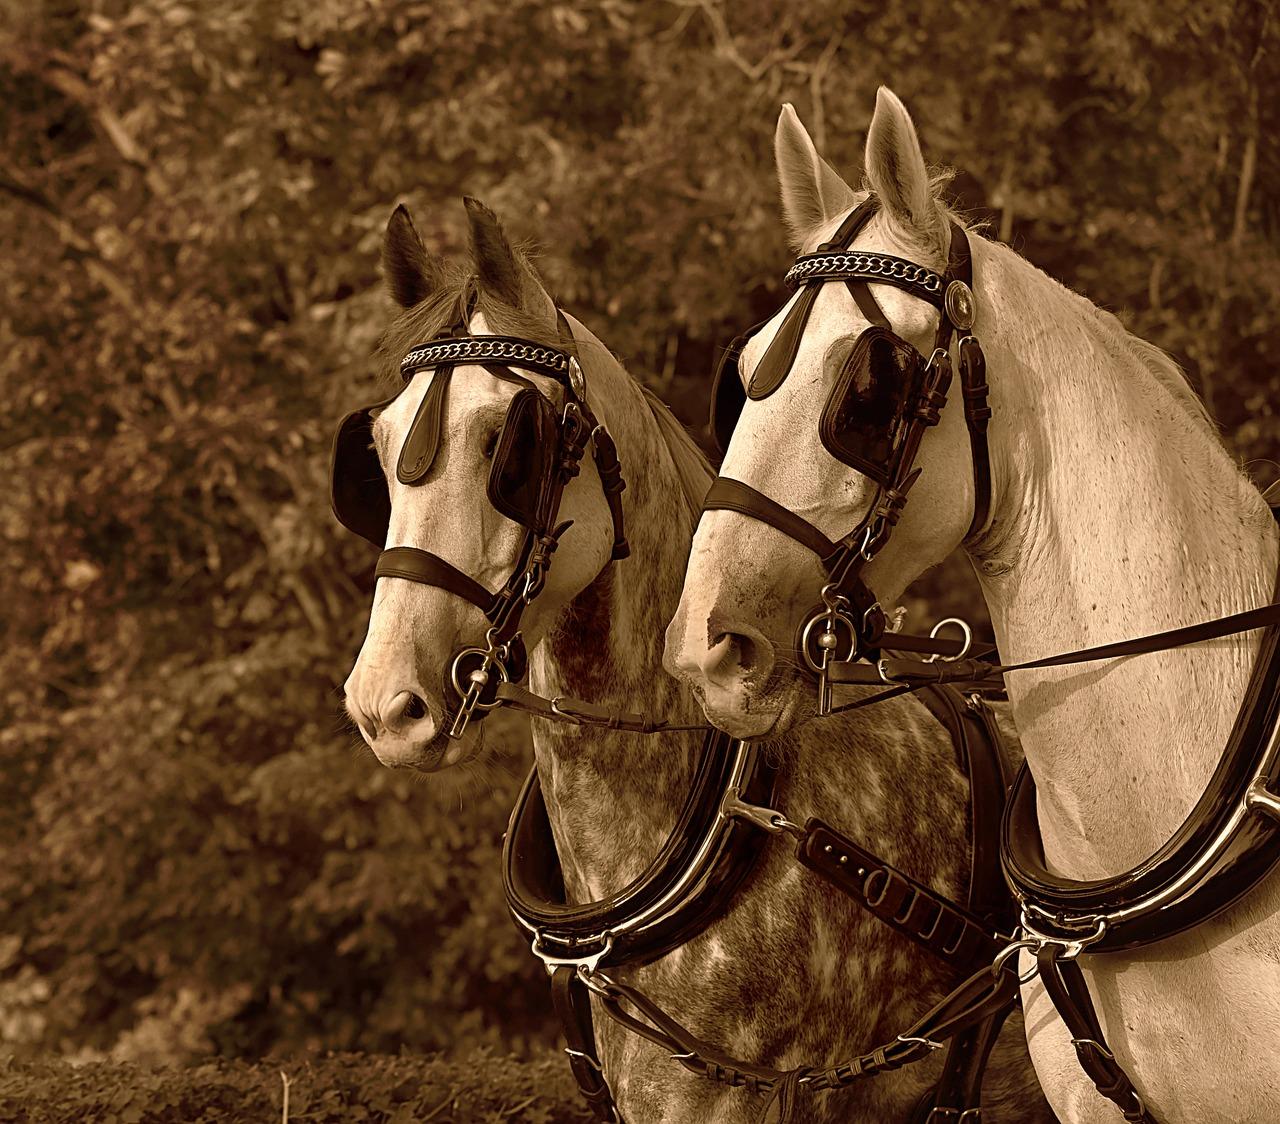 Sepete At Koşumlu Gözlüğü - Pixabay'de ücretsiz fotoğraf